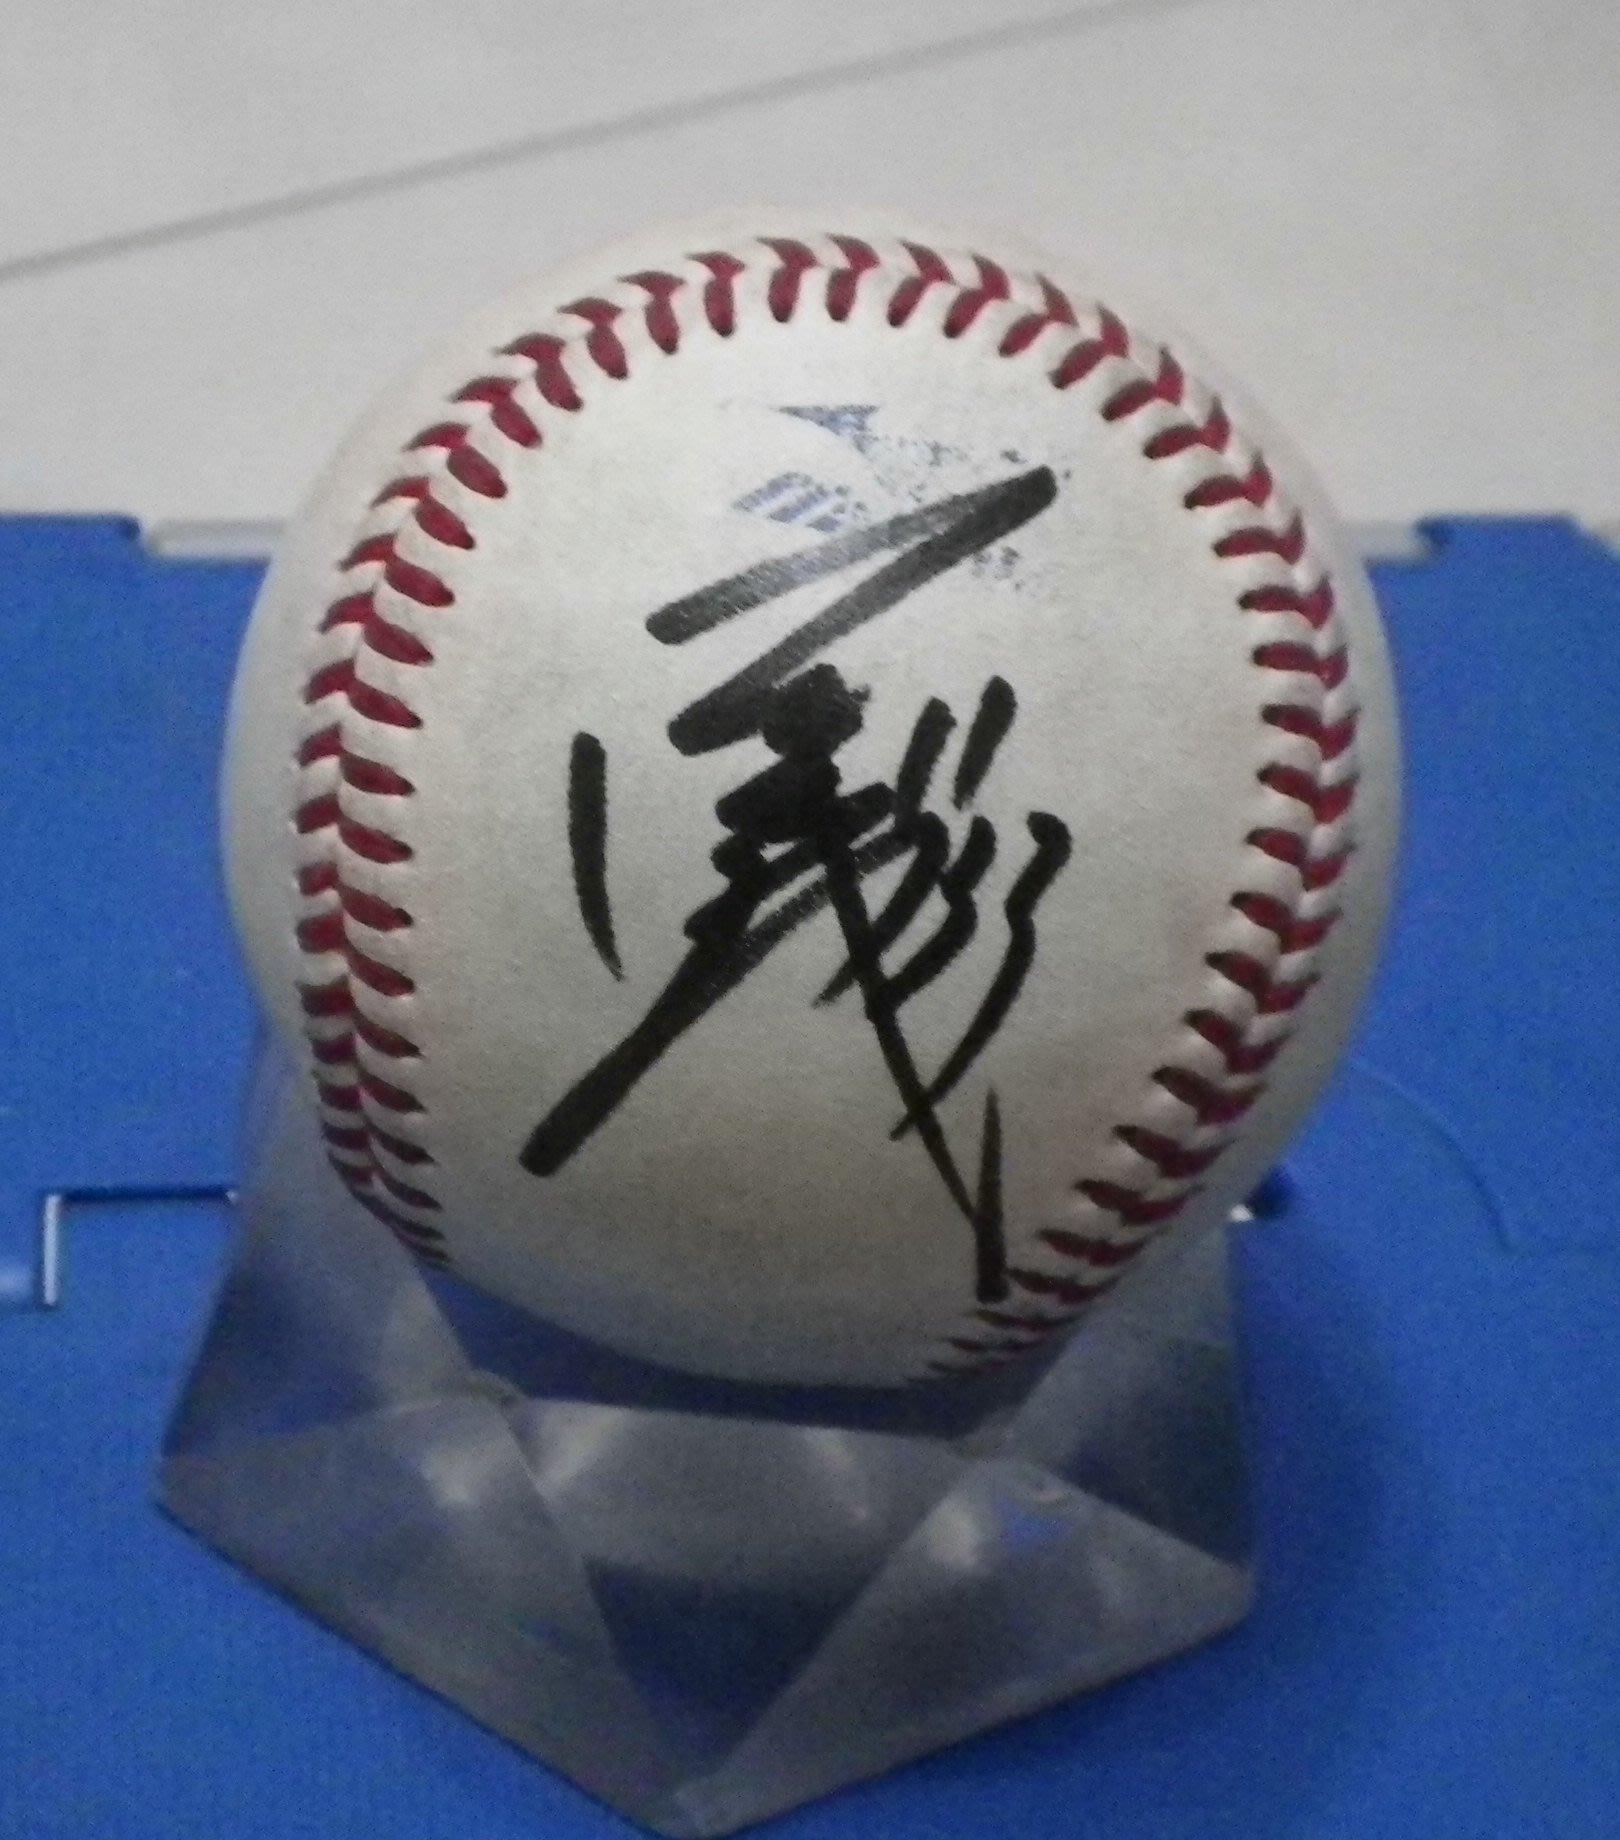 棒球天地--全台唯一-菊池涼介 簽名日本職棒比賽球.字跡漂亮..日本空運來台-..